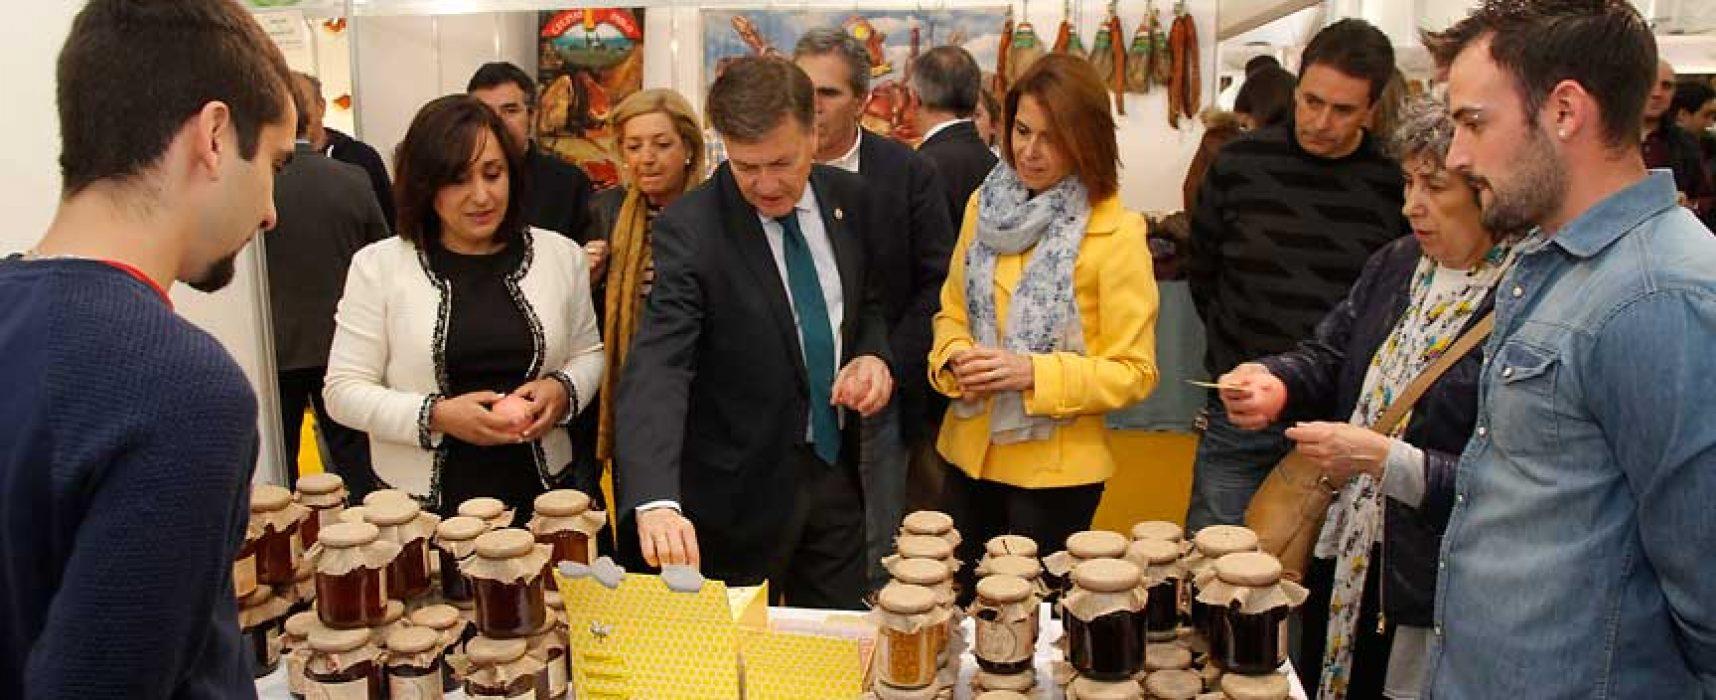 La Feria de Cuéllar abre sus puertas a cuatro días llenos de propuestas y actividades